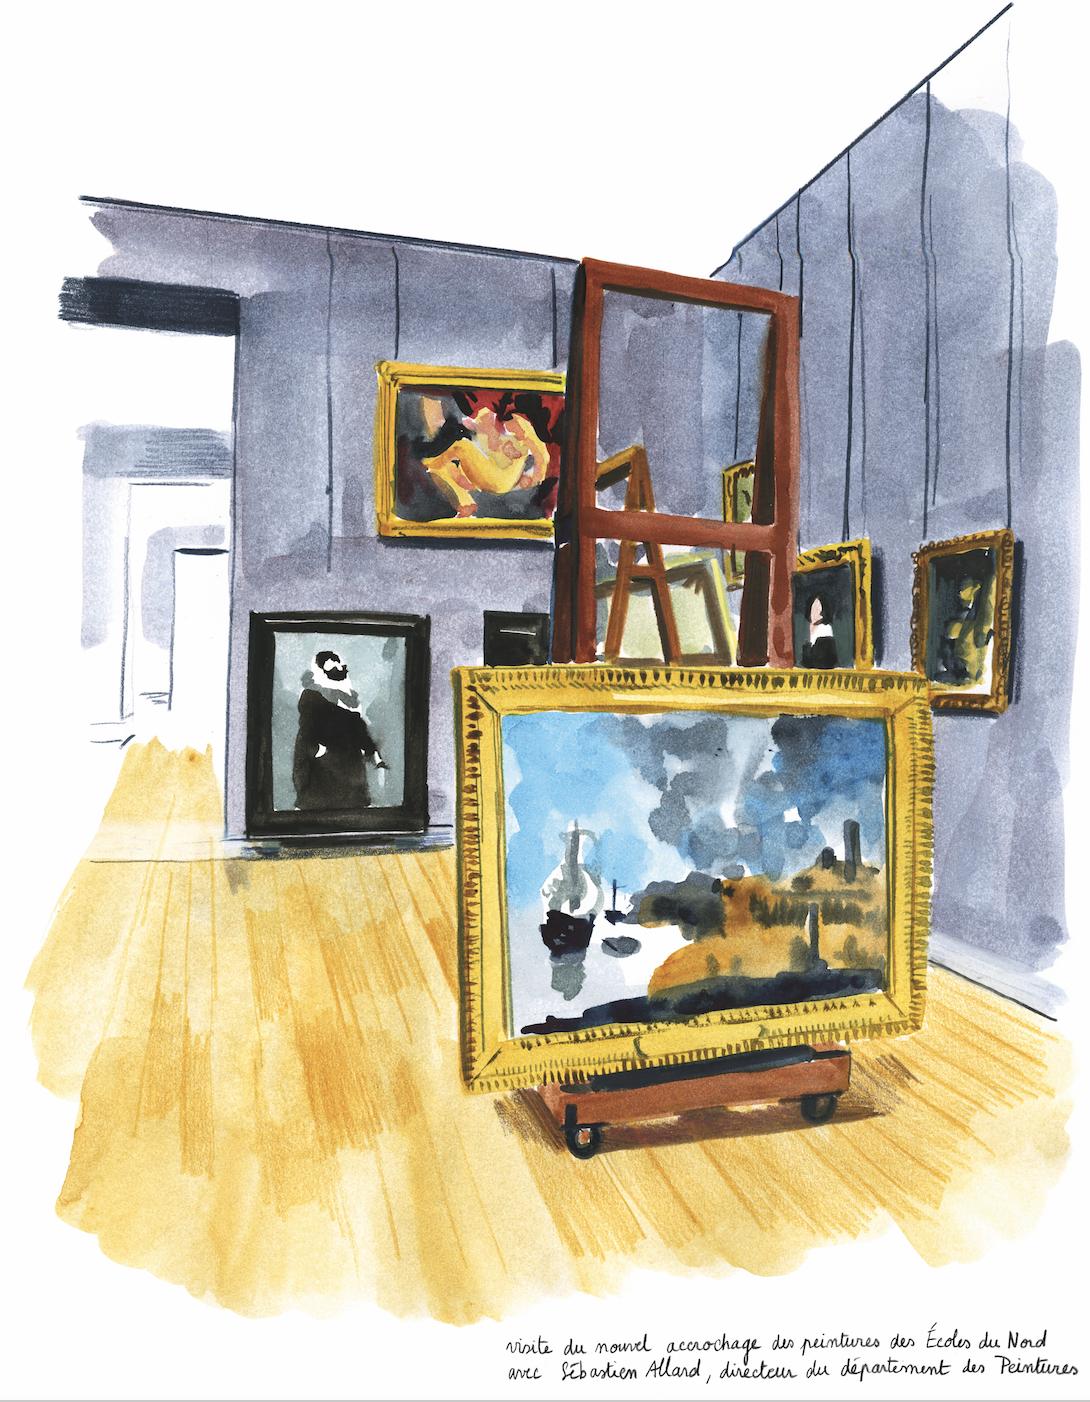 Nouvel accrochage des peintures des Écoles du Nord | GALERIE TREIZE-DIX I LUCILE PIKETTY | Nouvel accrochage des peintures des Écoles du Nord